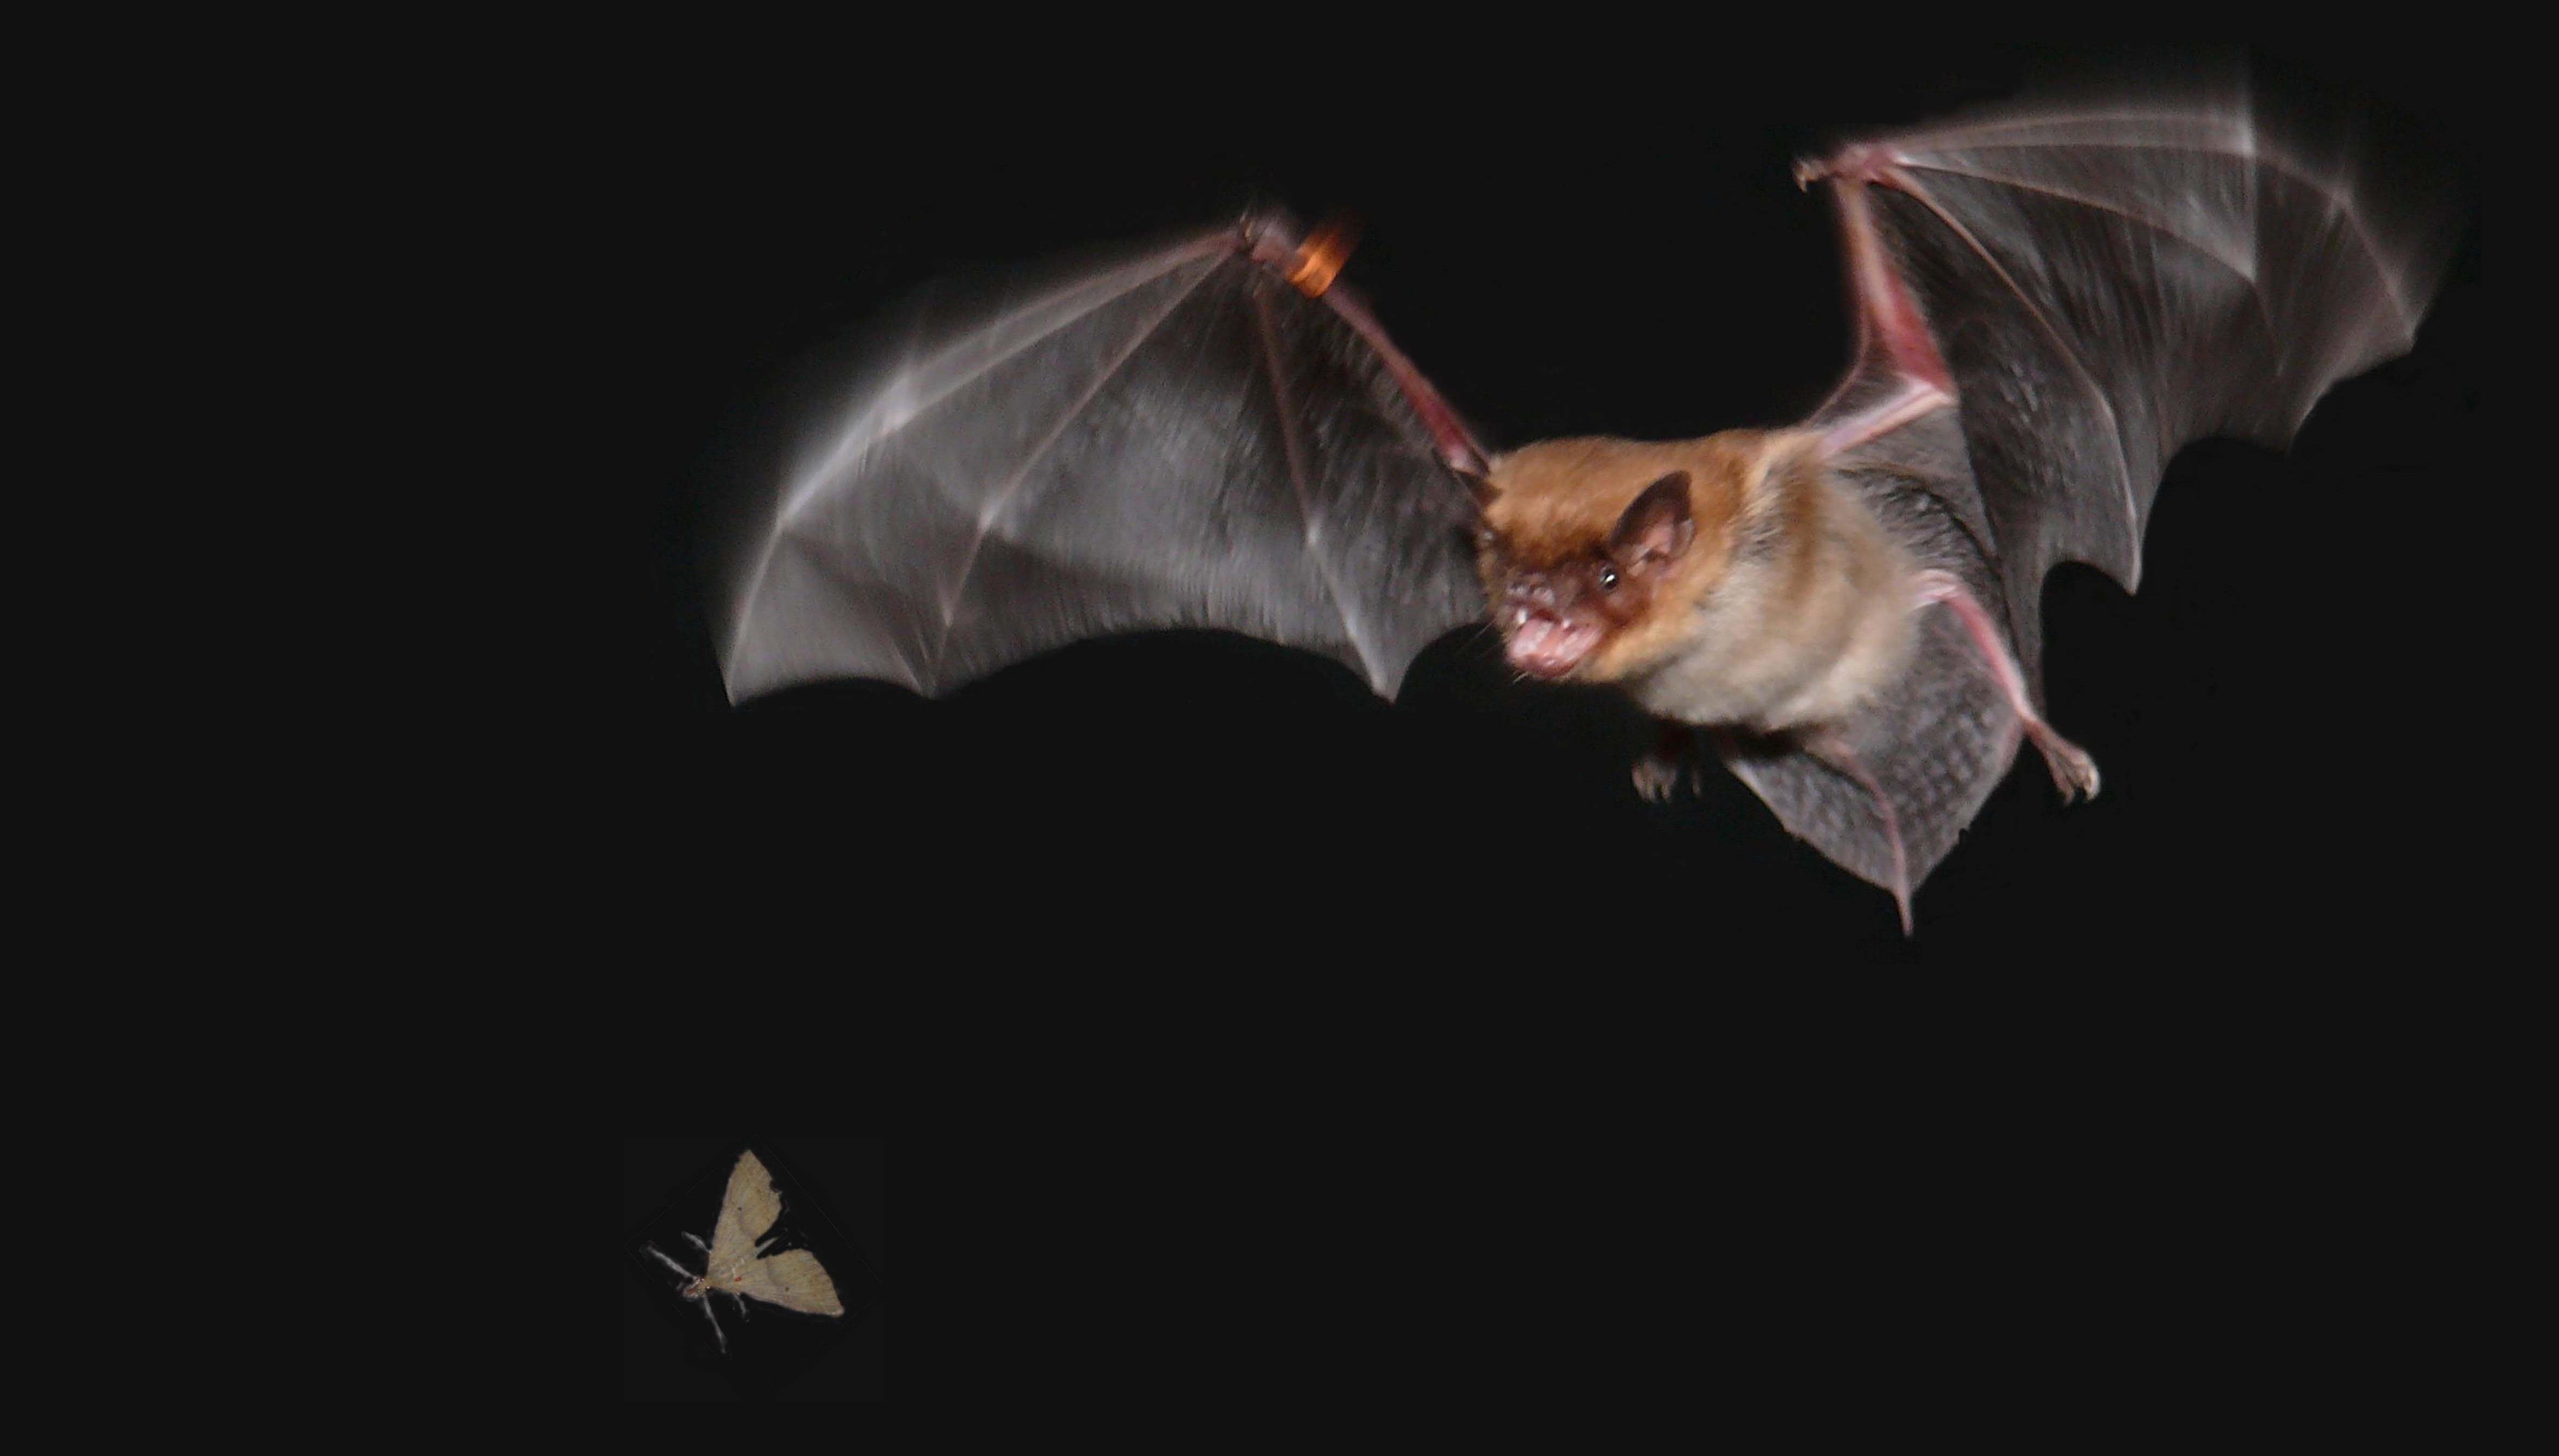 צד בחשכה. עטלף מתכונן ללכוד חרק (צילום: בן פאלק)